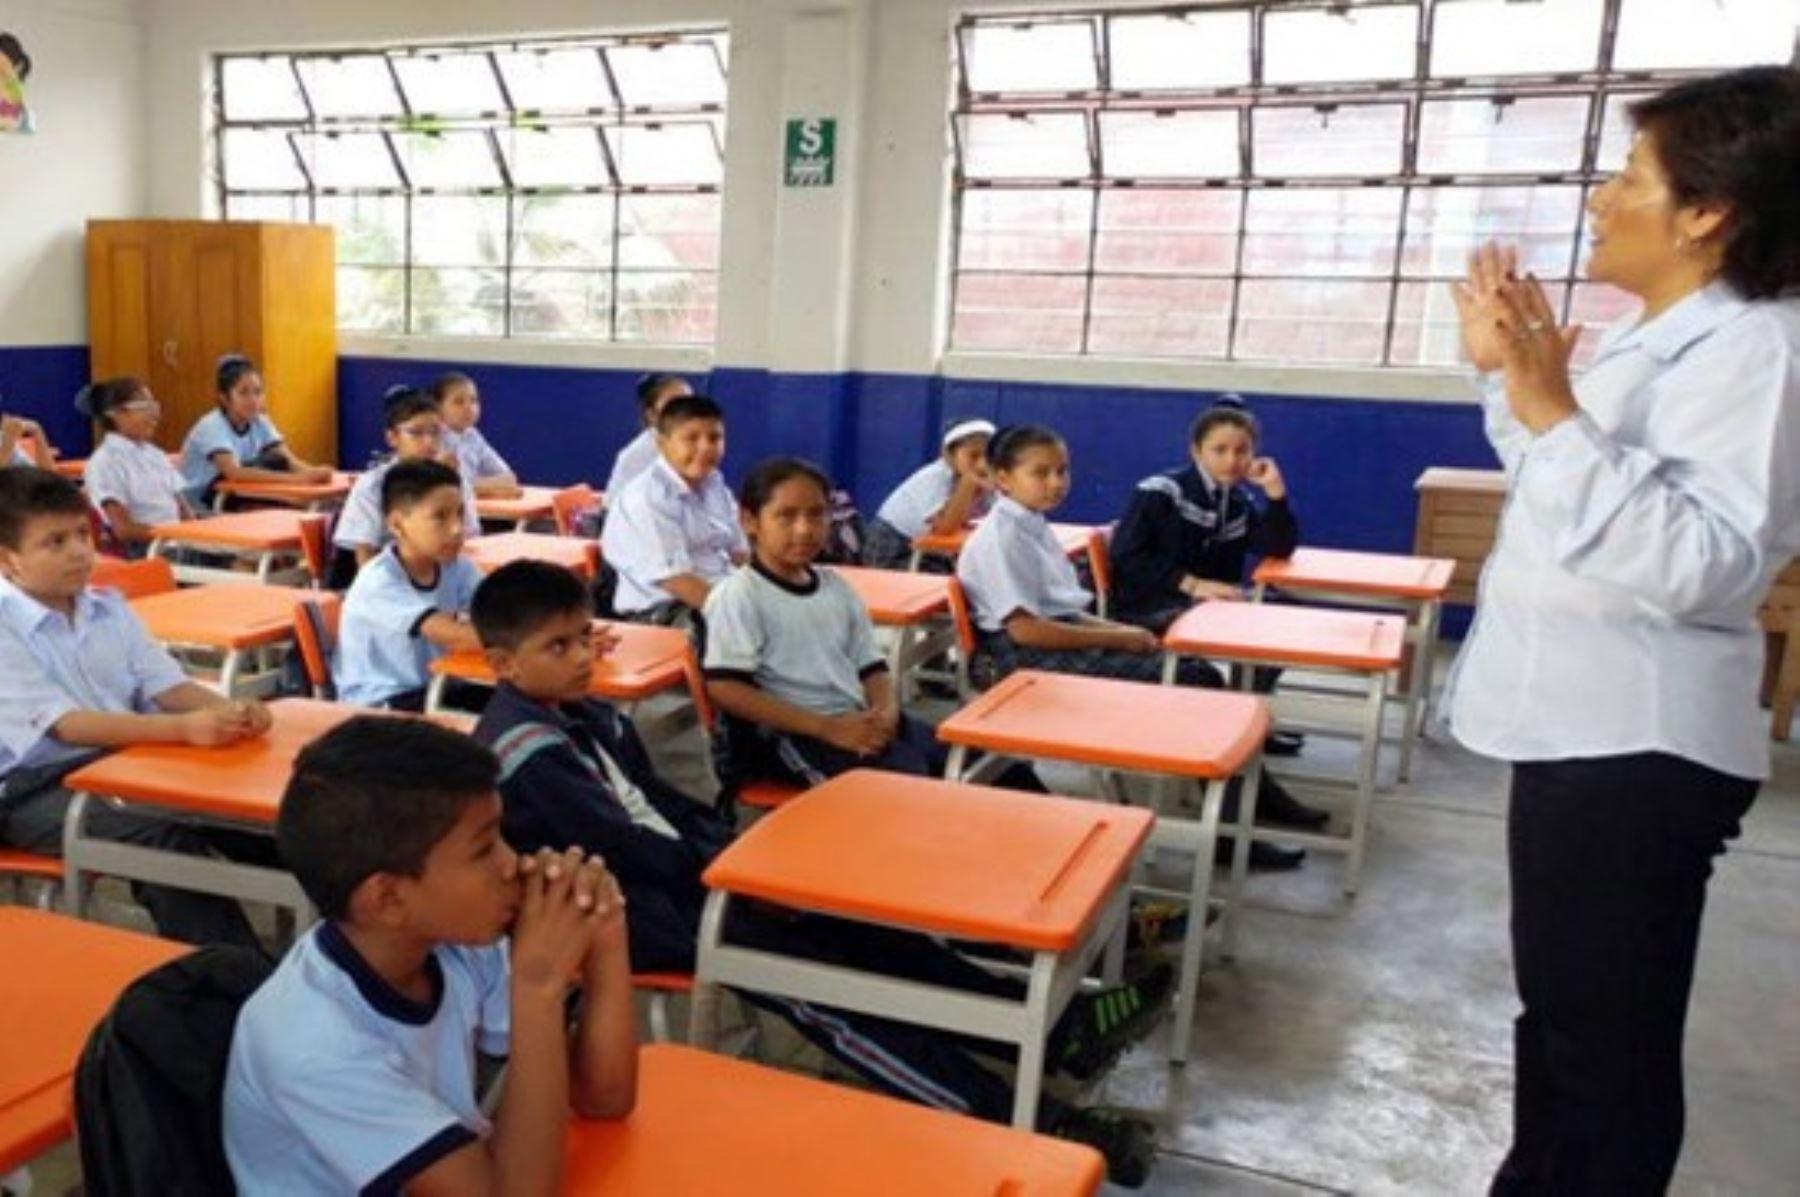 Multarán a colegios privados que no devuelvan la cuota de ingreso. Foto: ANDINA/Difusión.